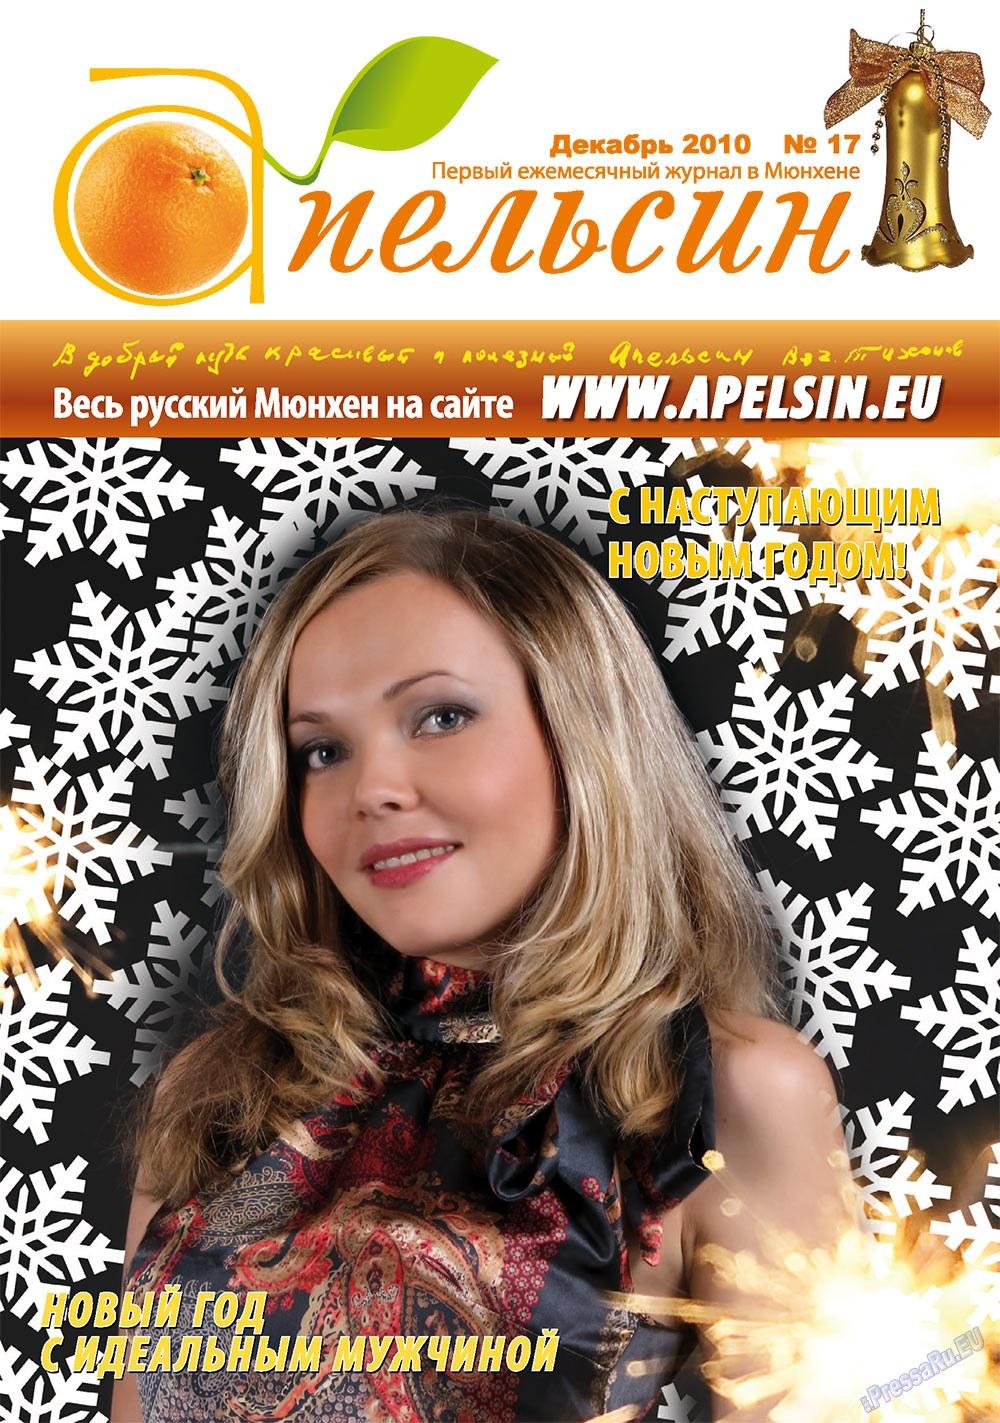 Апельсин (журнал). 2010 год, номер 17, стр. 1